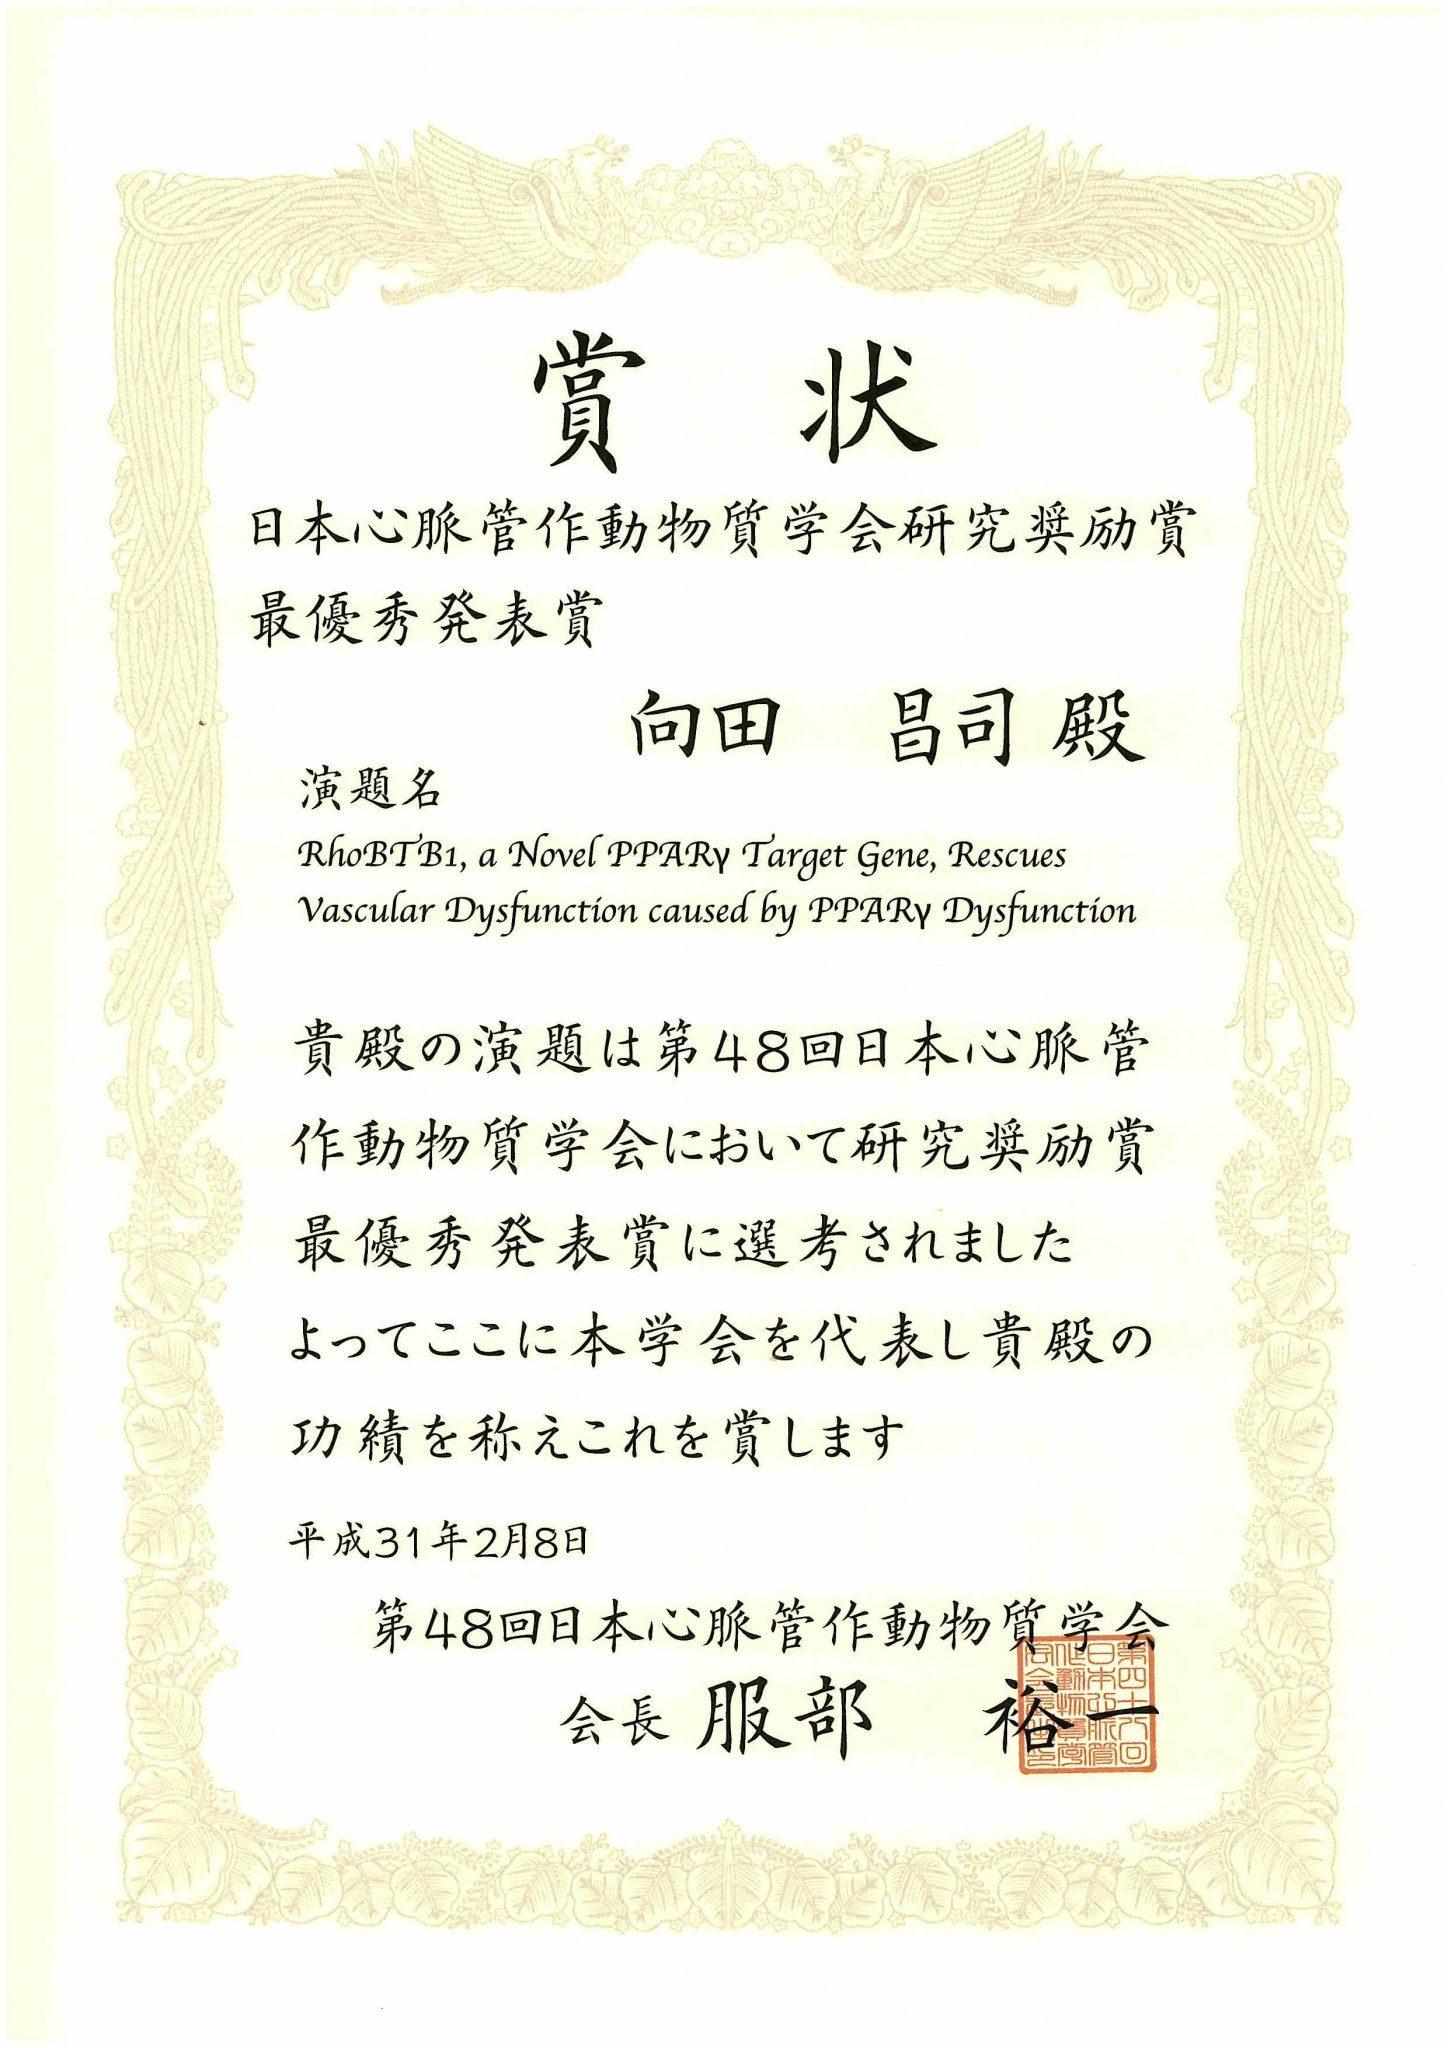 賞状 日本心脈管作動物質学会研究奨励賞最優秀発表賞 向田昌司殿